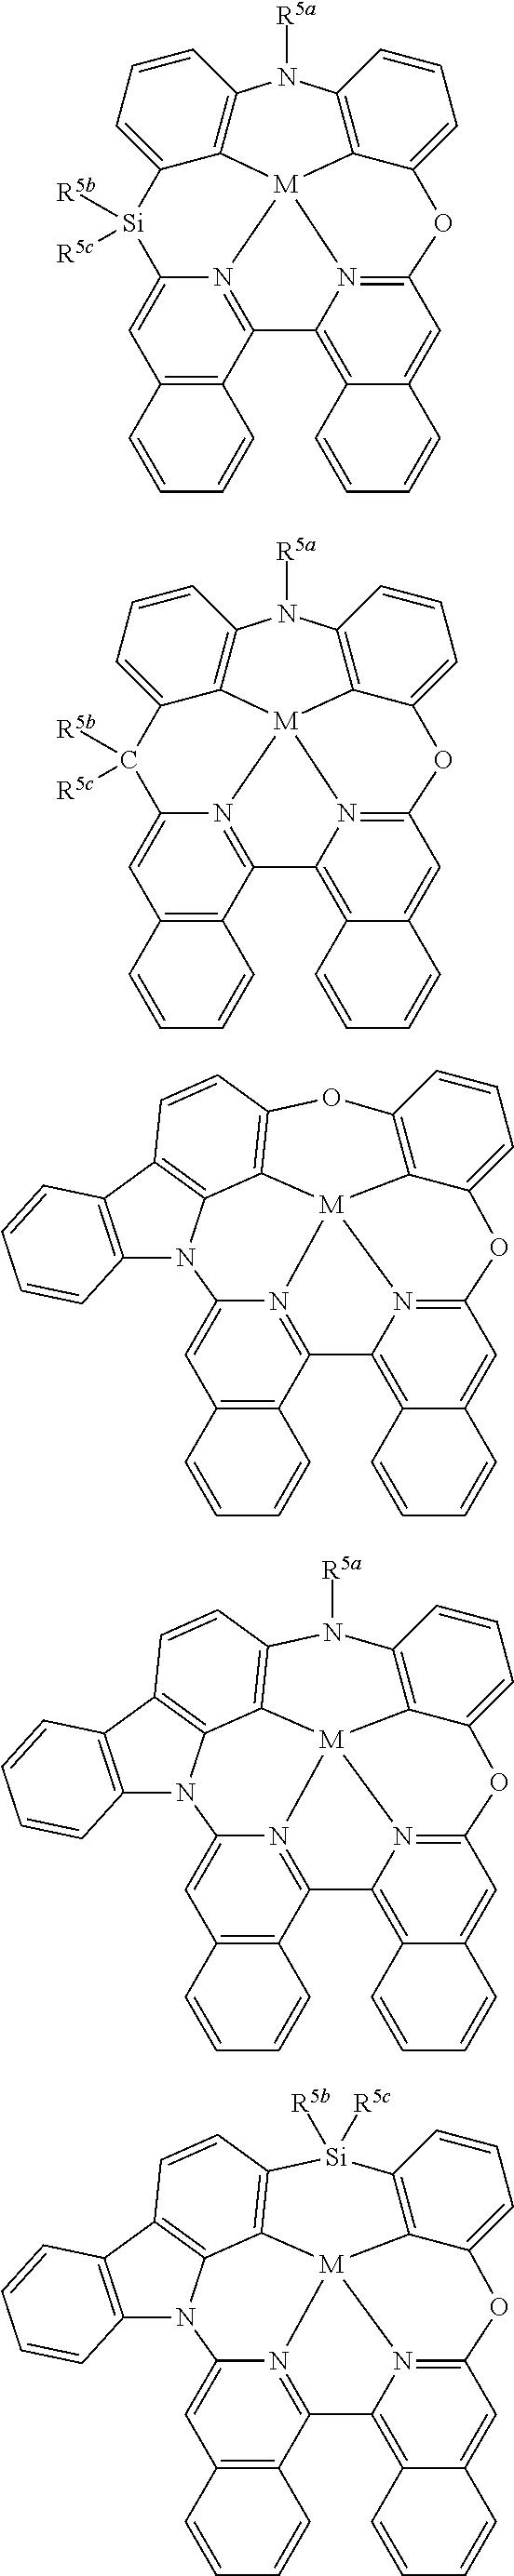 Figure US10158091-20181218-C00279